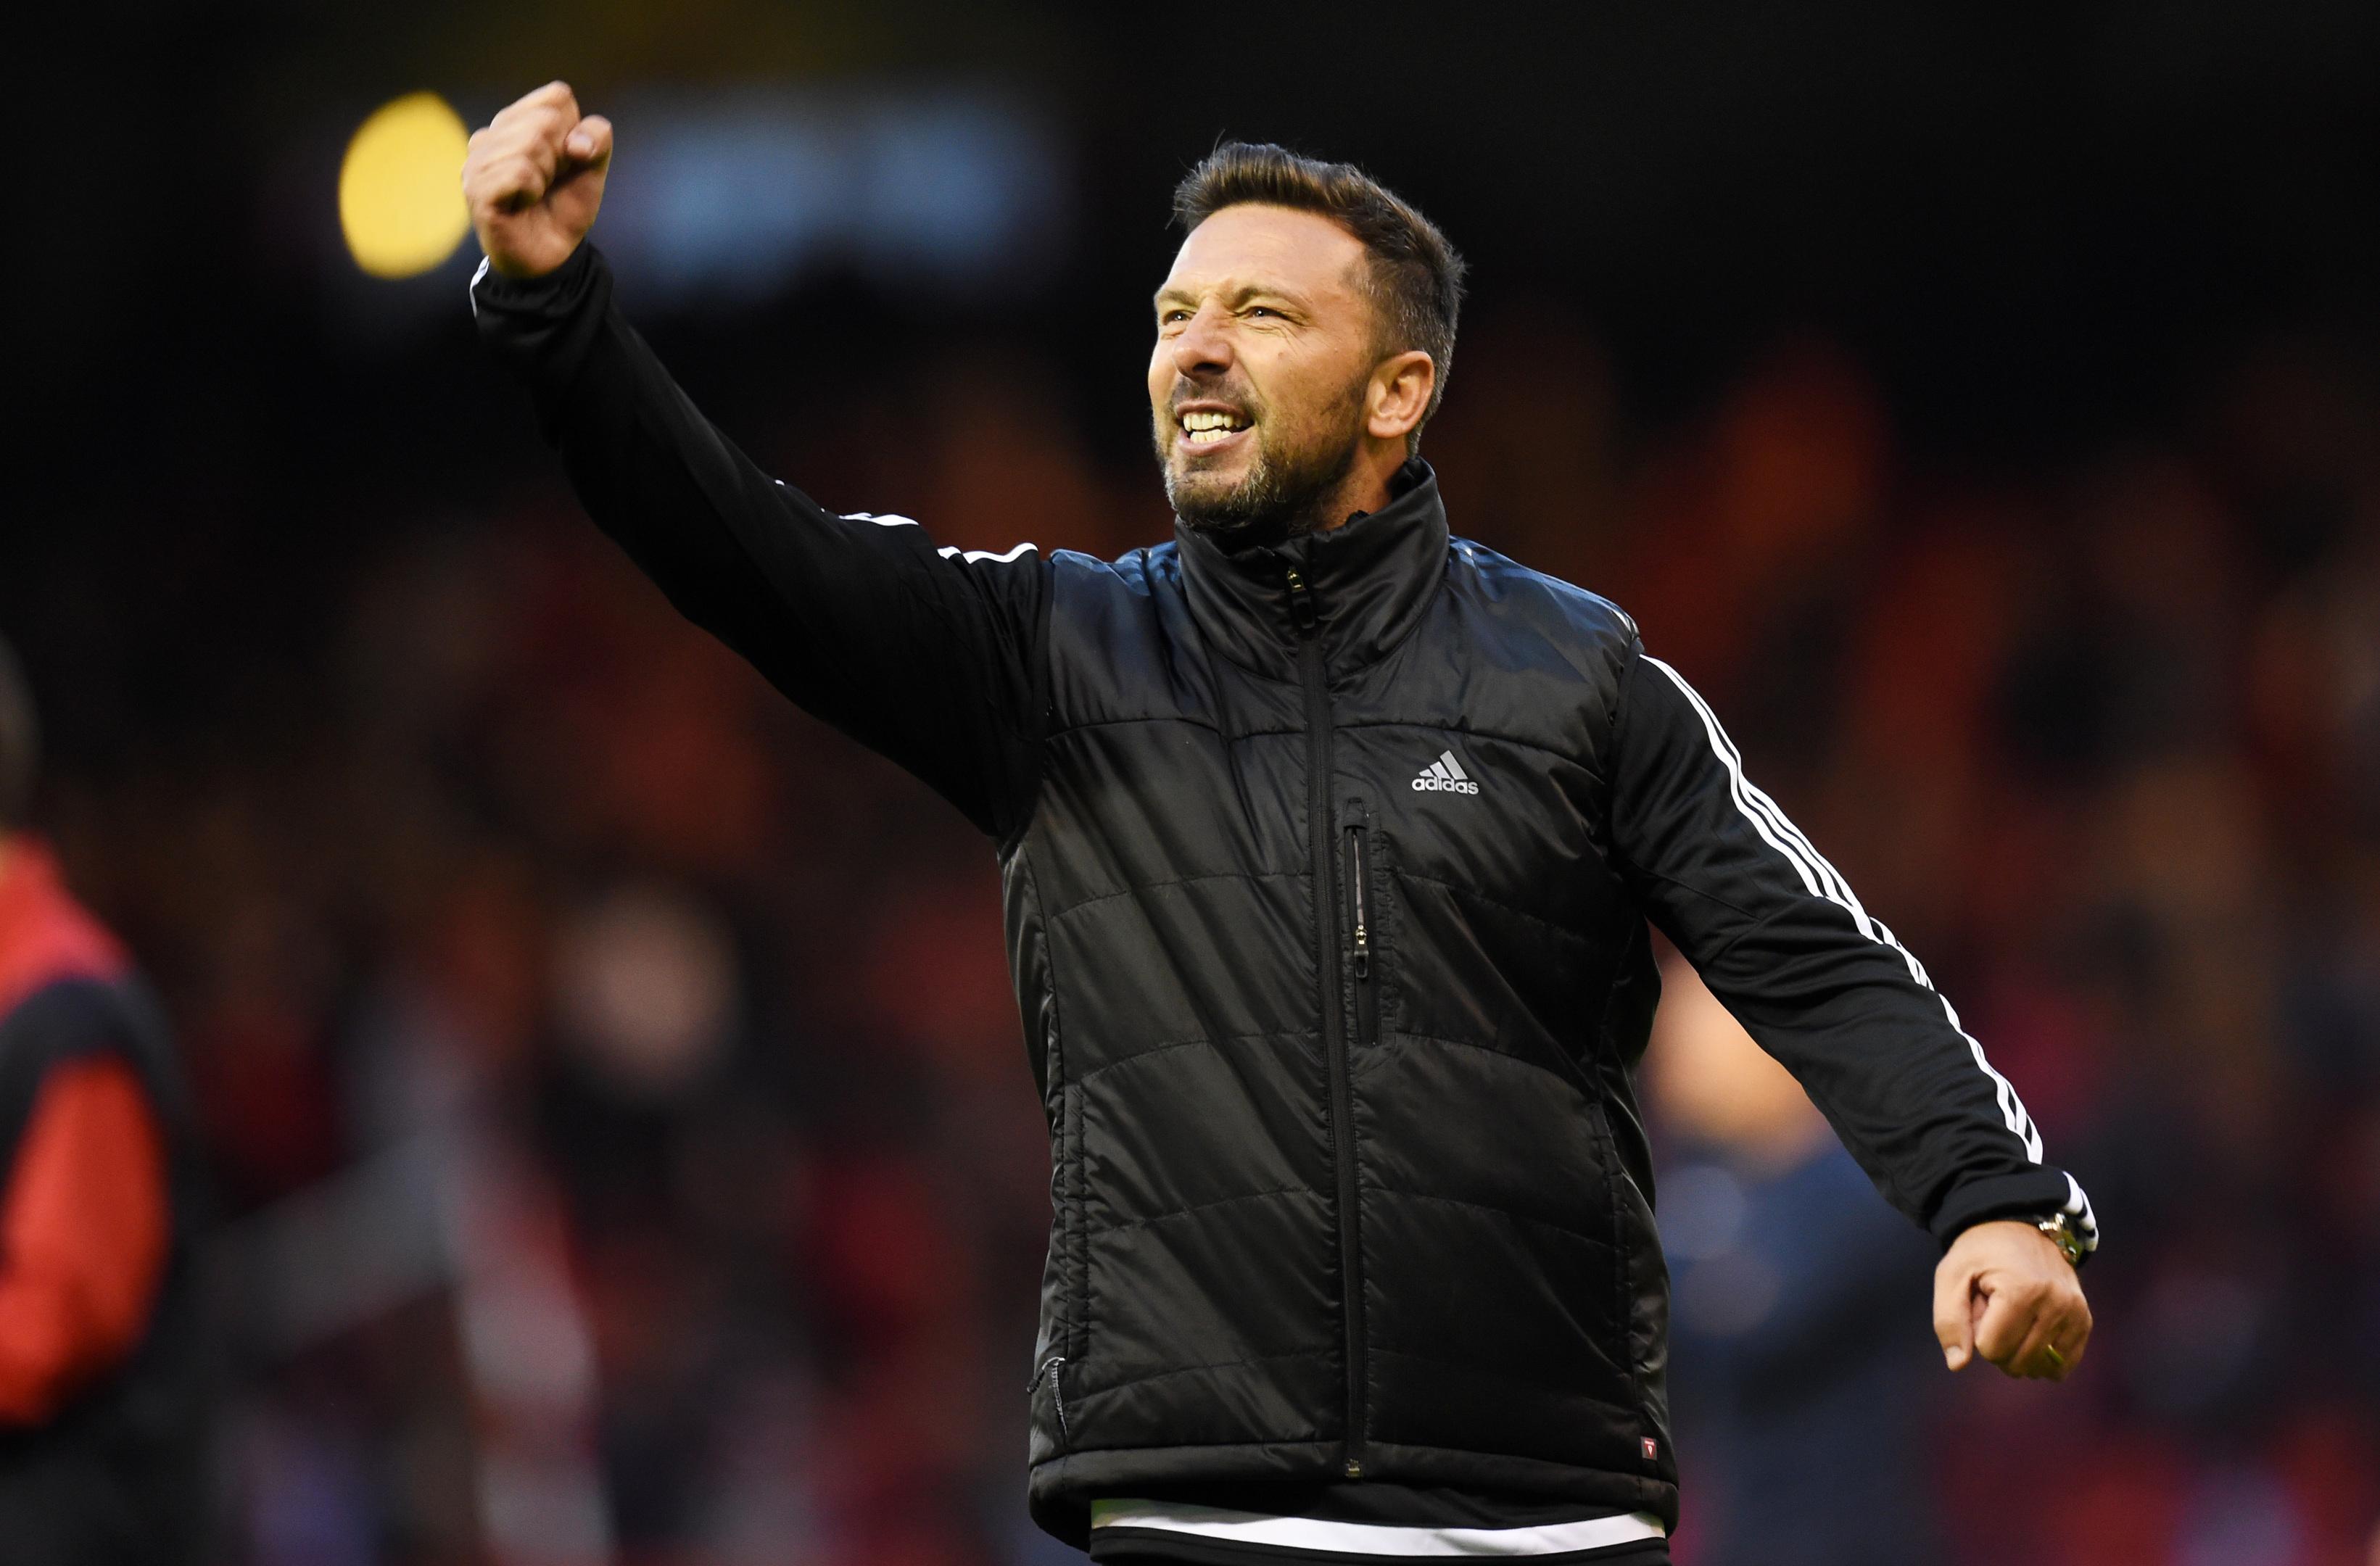 Derek McInnes believes Aberdeen will be the underdogs against HNK Rijeka in the next round.